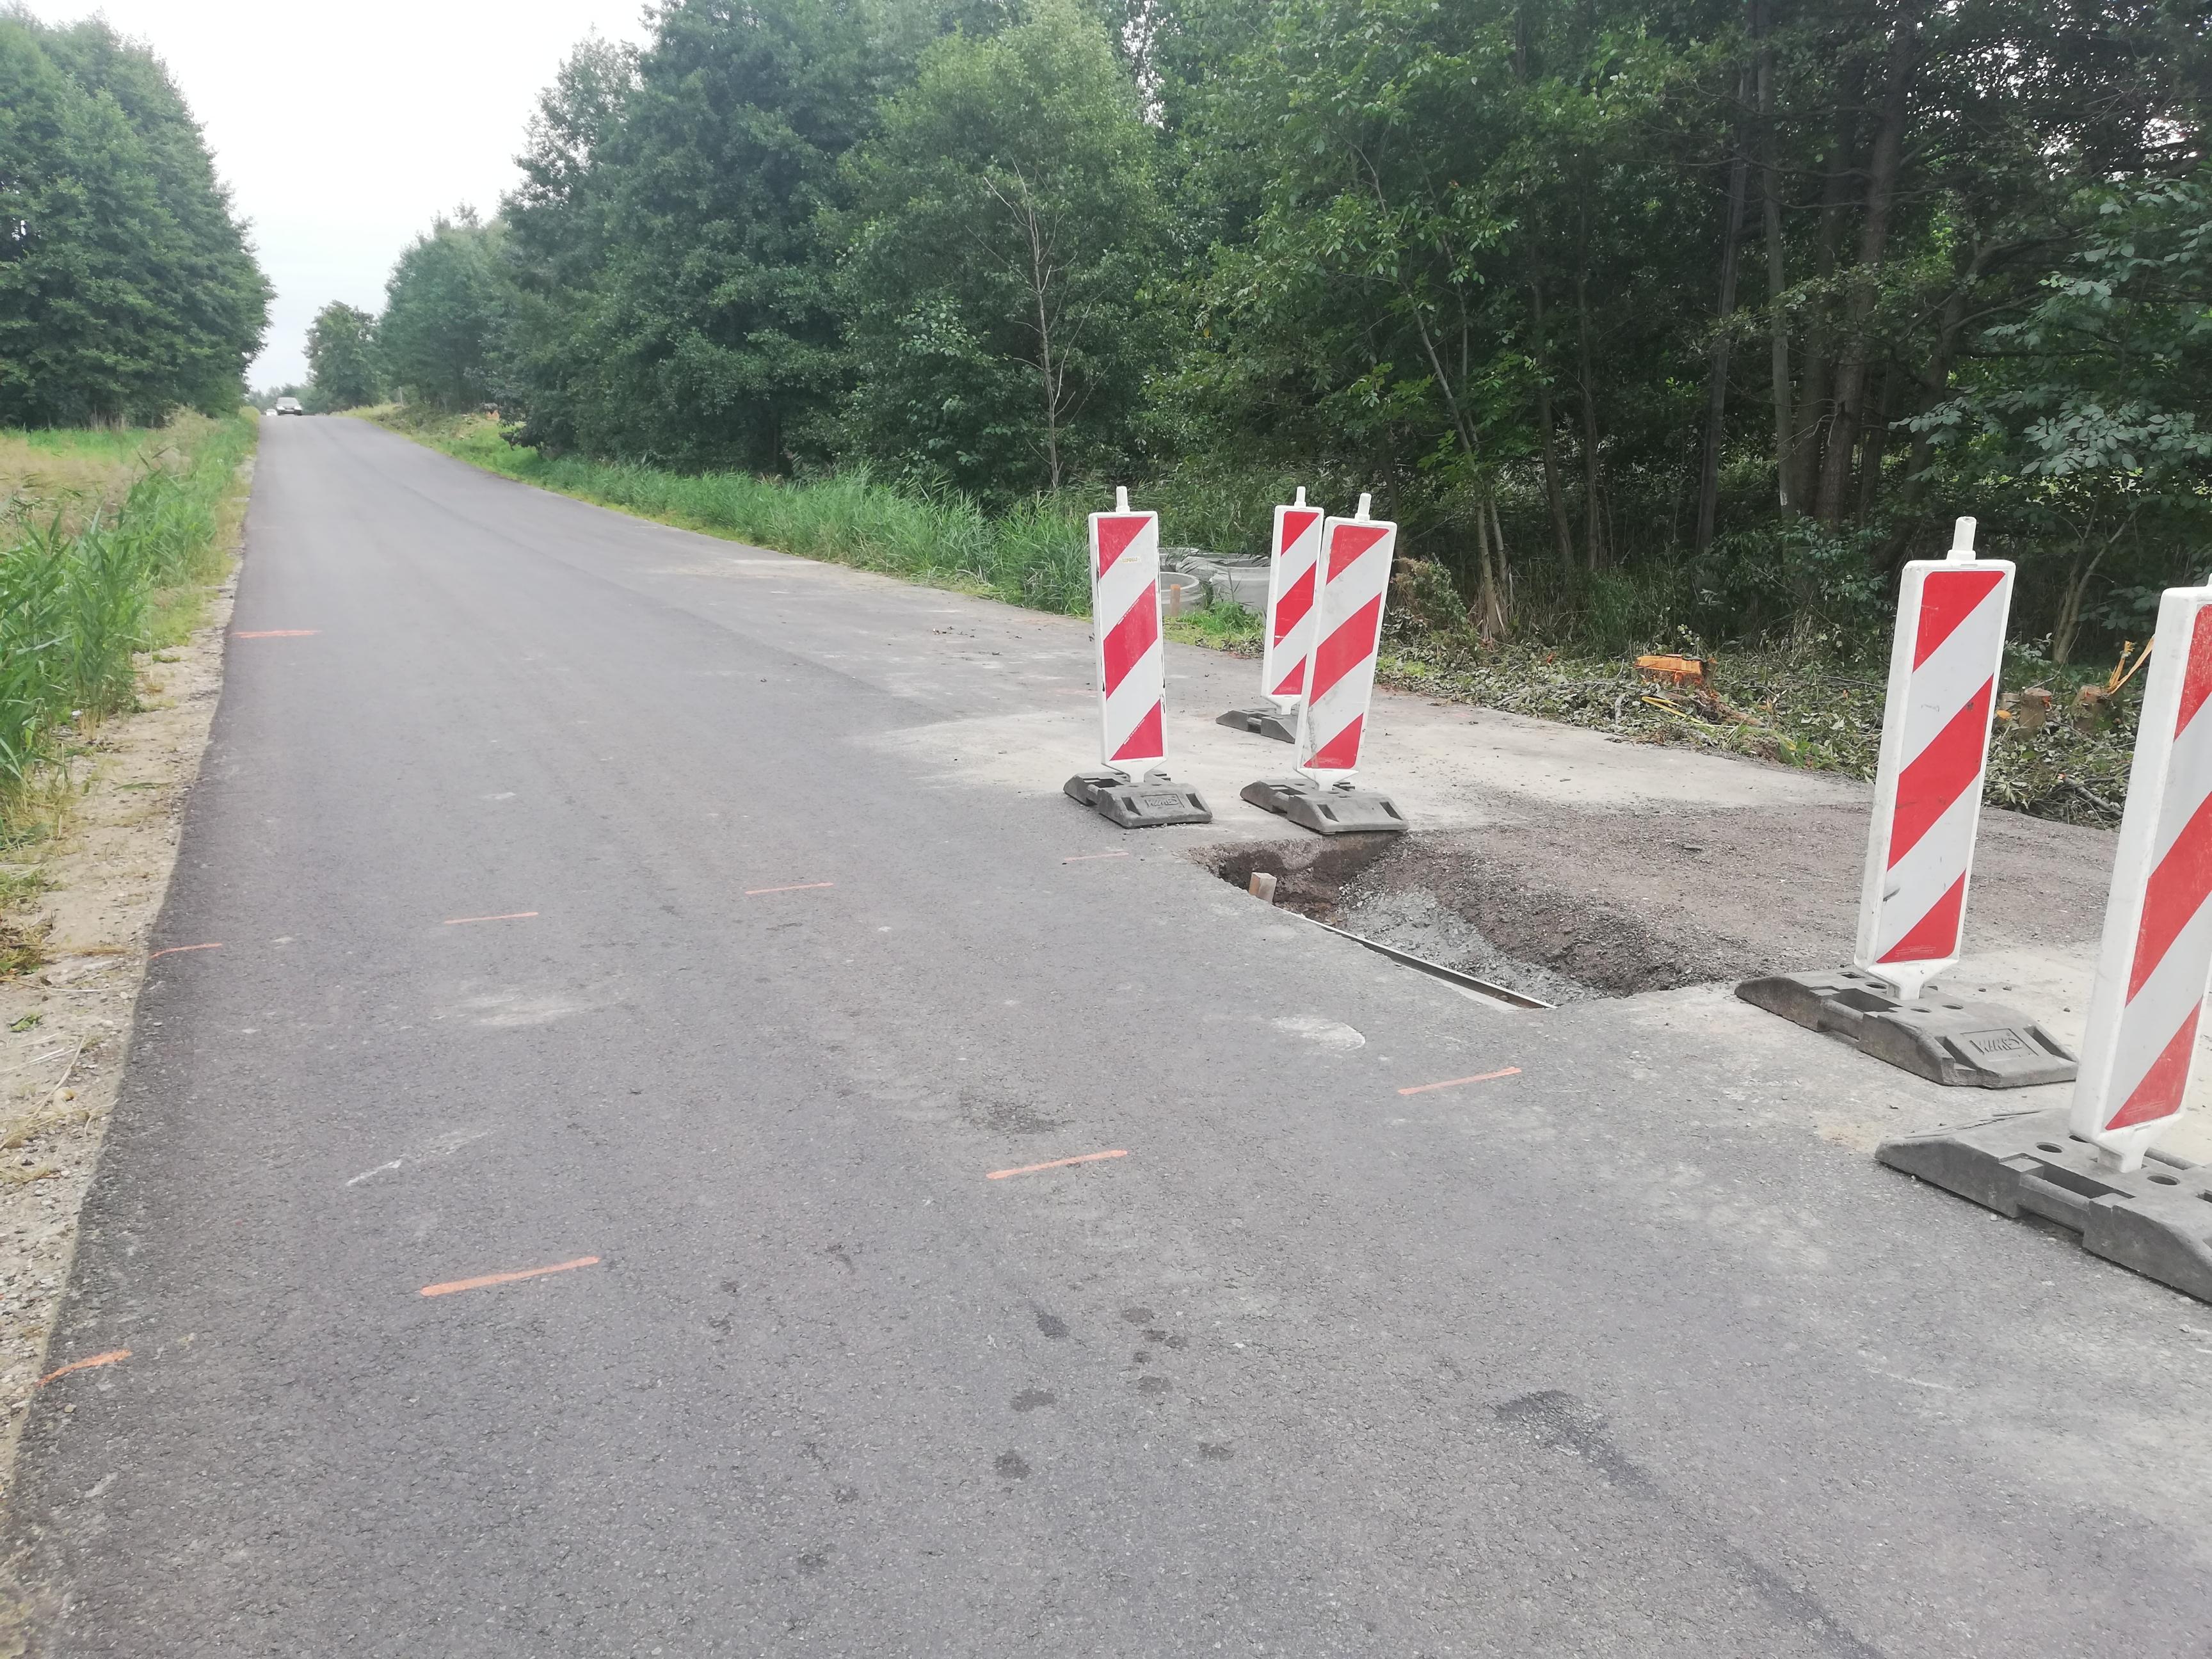 Sprawa przebudowy przepustów na drodze wojewódzkiej relacji Kolbuszowa - Sokołów Małopolski  - Zdjęcie główne